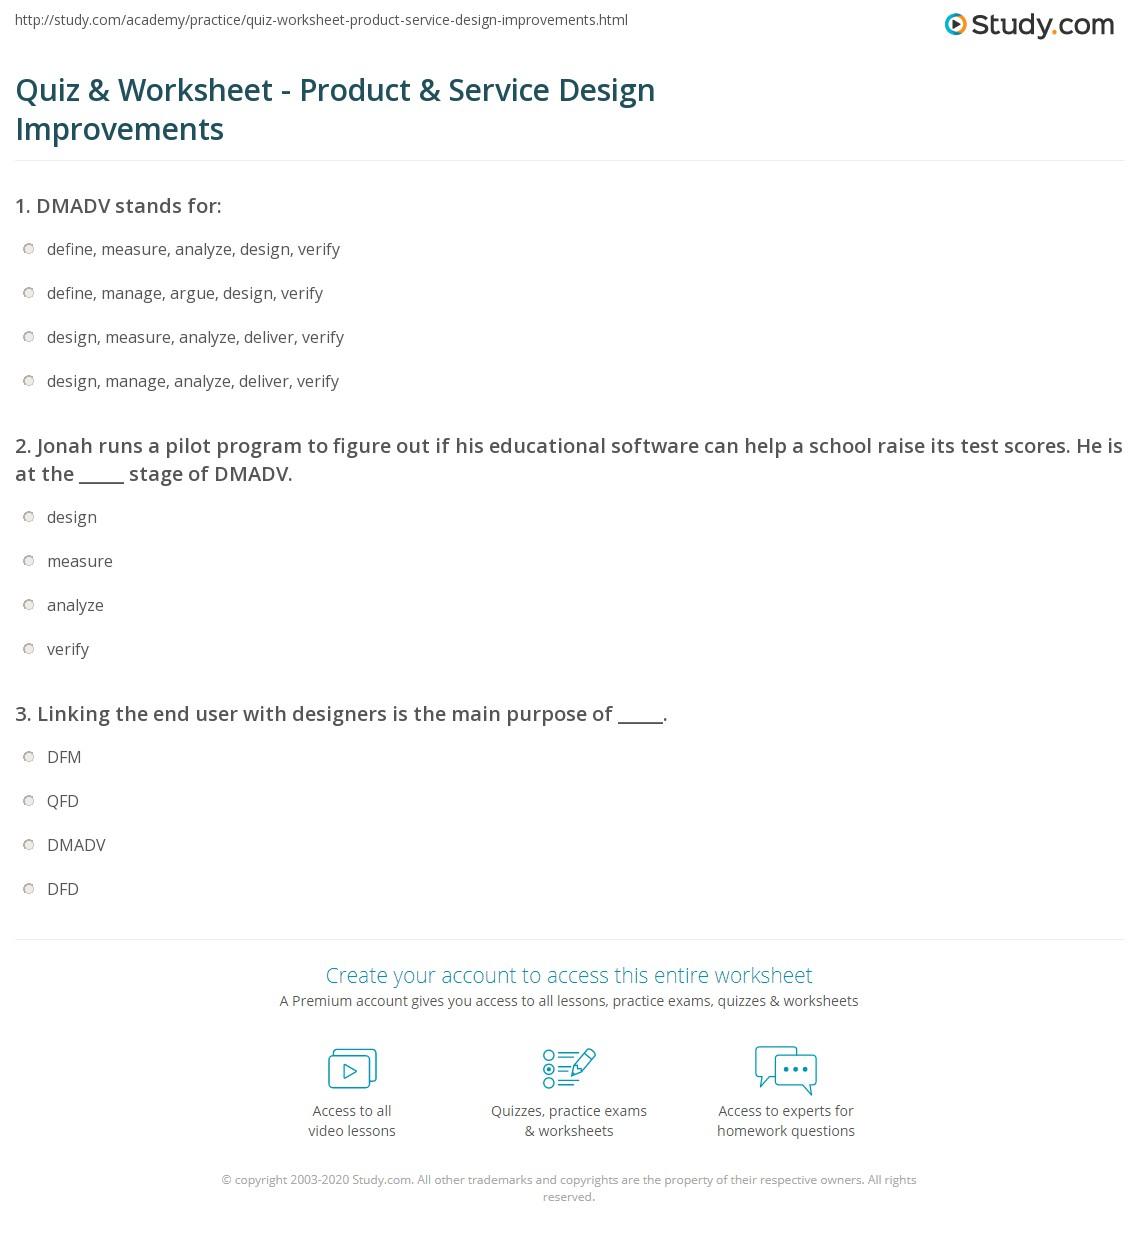 quiz worksheet product service design improvements. Black Bedroom Furniture Sets. Home Design Ideas